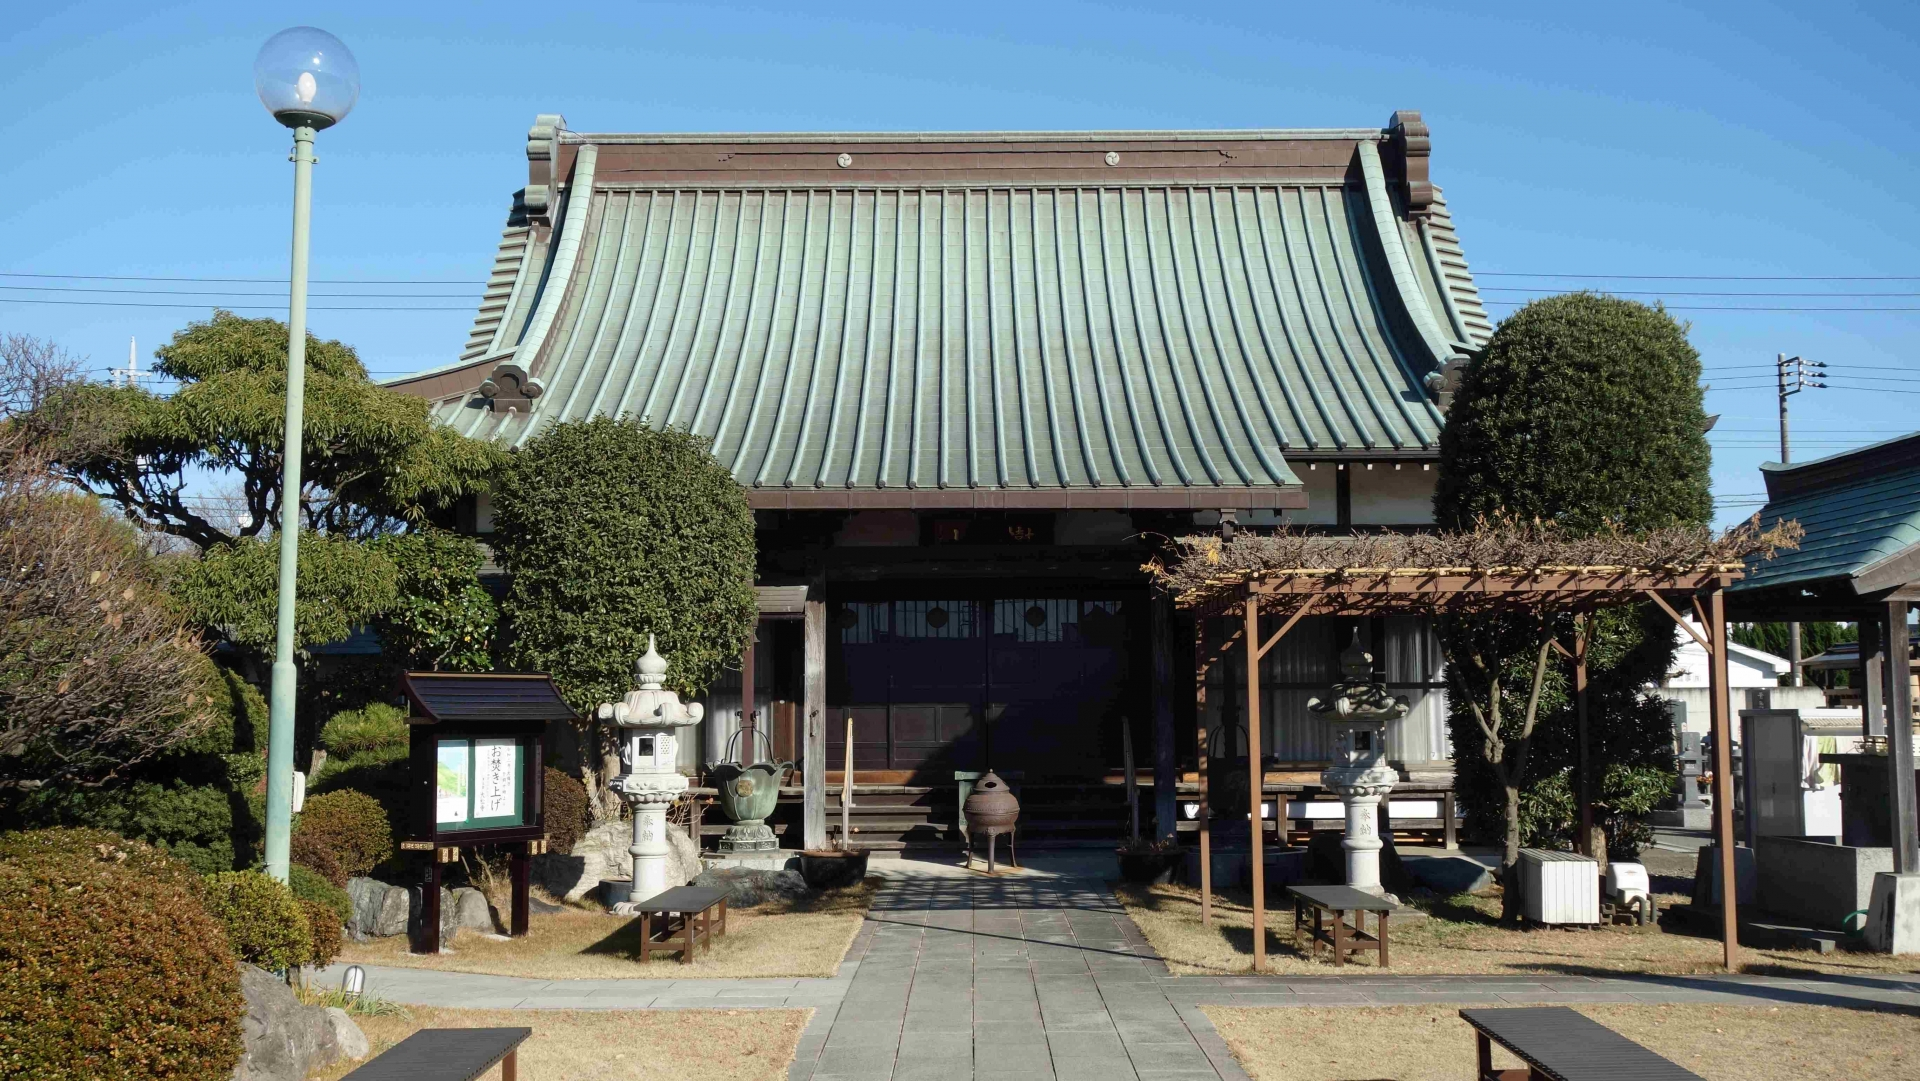 第19番 樹伝山 稱名院 大松寺(中原観音堂)